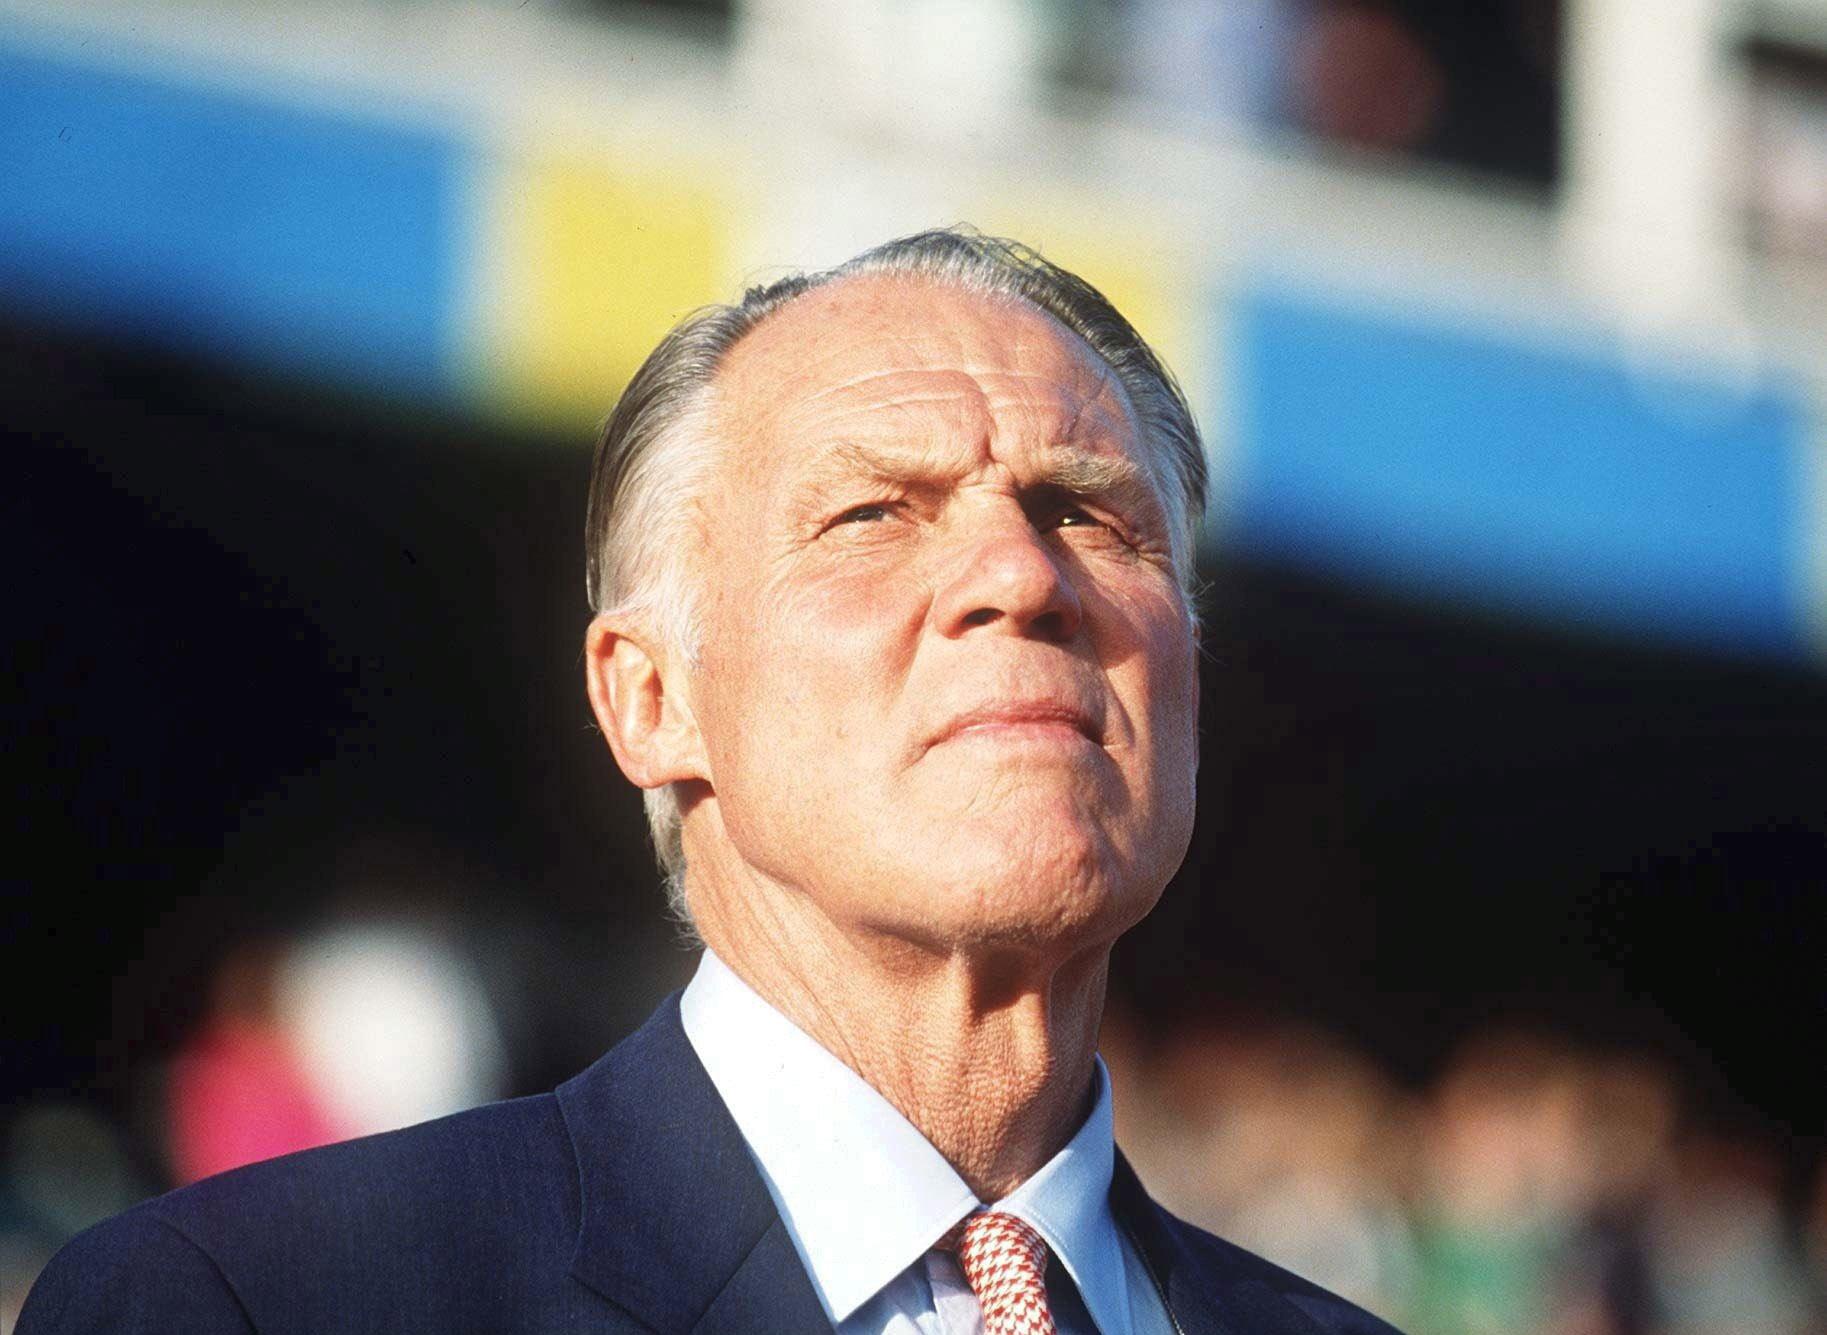 En af fodboldens stærkeste og mest indflydelsesrige hjerner, Rinus Michels. Faderen til totalfodbolden. Foto: Getty Images/Henning Bangen